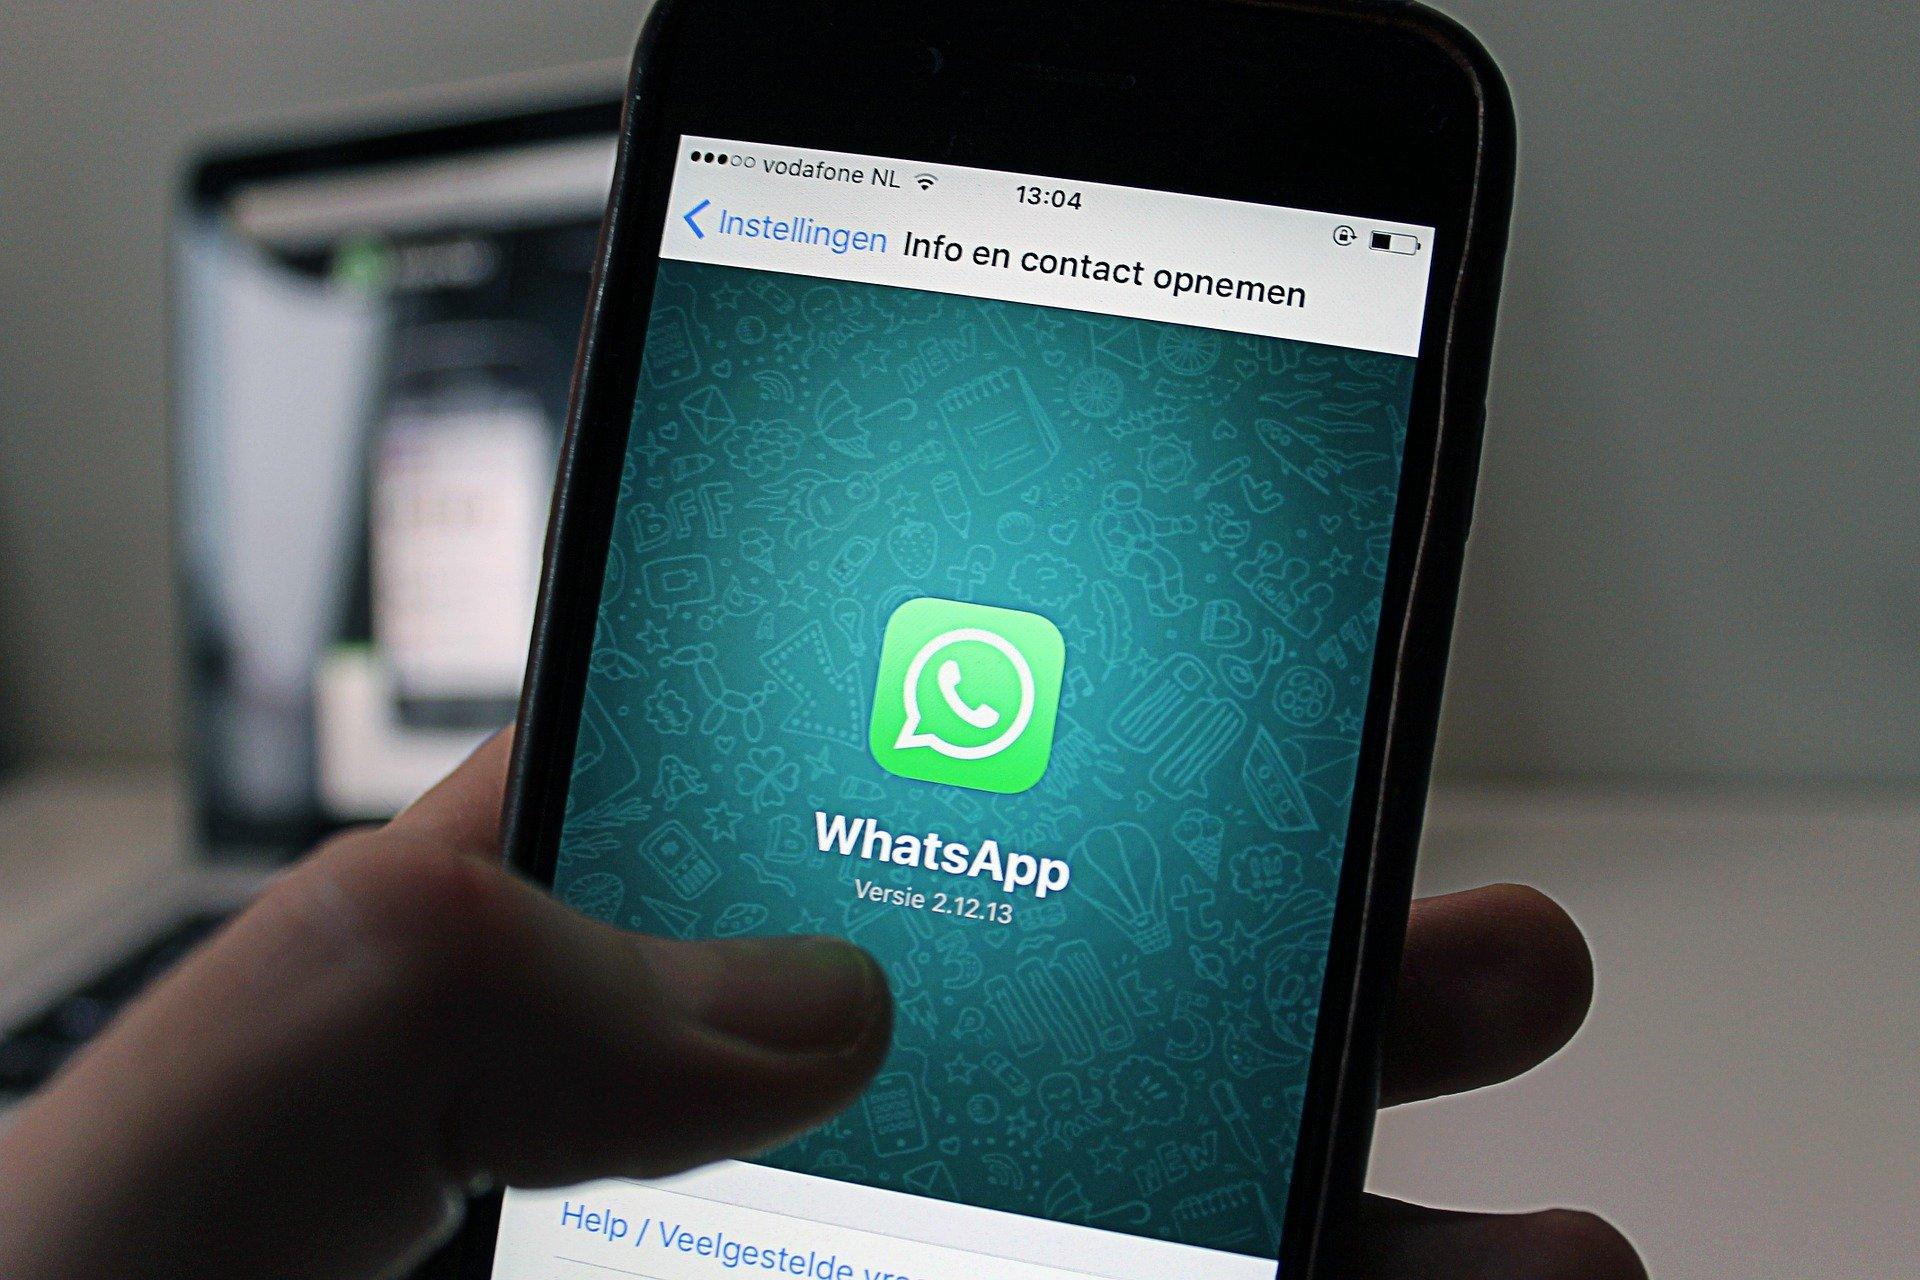 Imagen de un móvil con Whatsapp